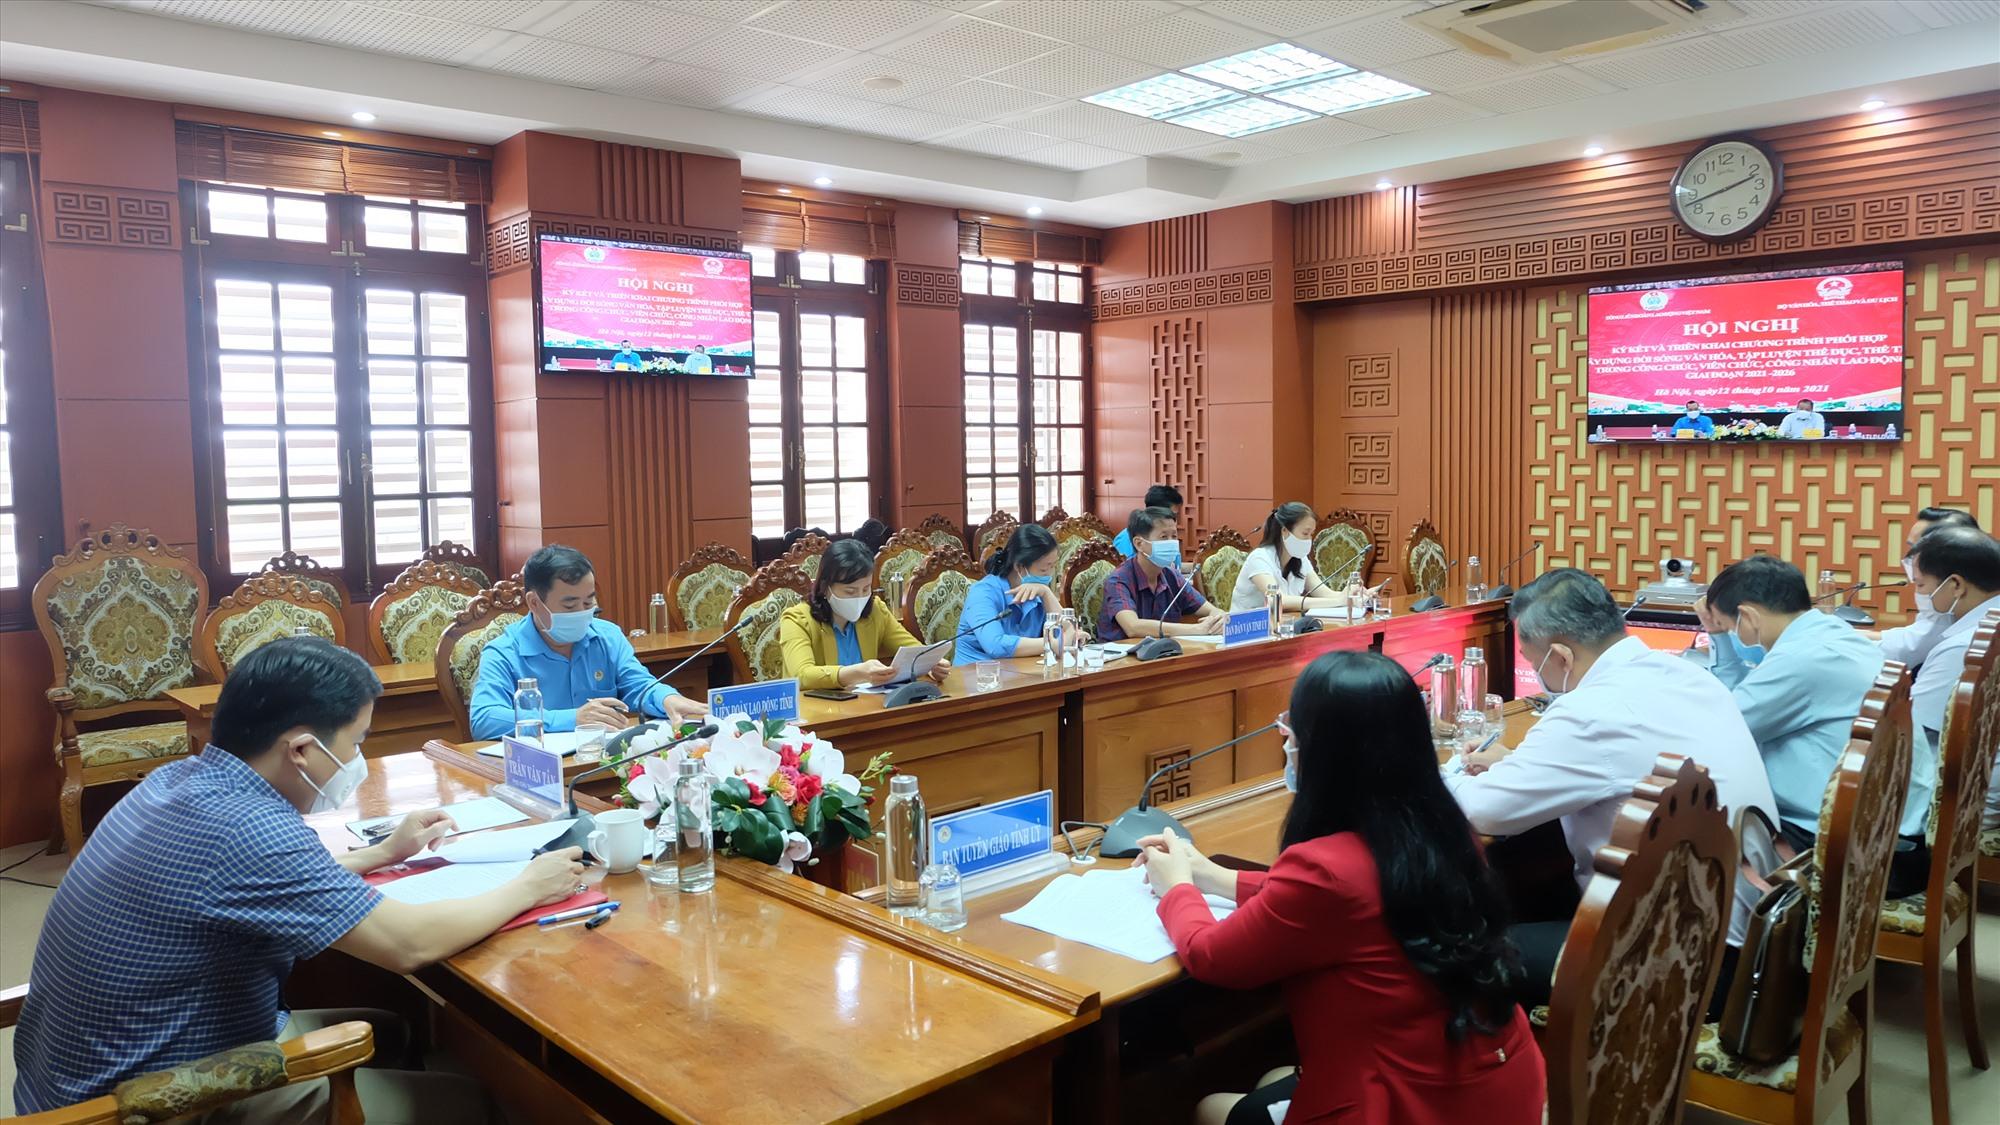 Các đại biểu dự hội nghị tại điểm cầu Quảng Nam. Ảnh: M.L